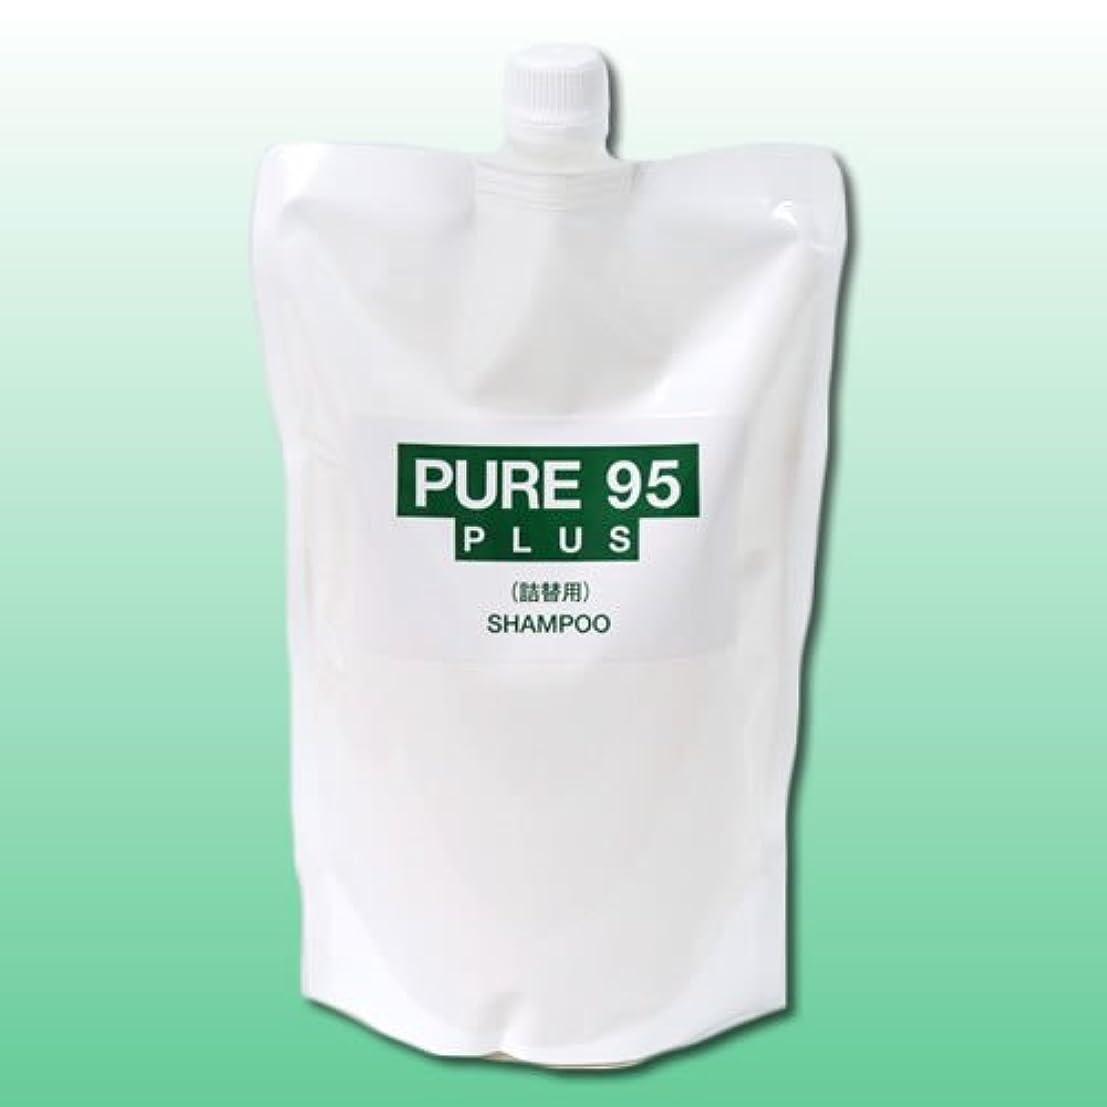 賞賛する二週間影のあるパーミングジャパン PURE95(ピュア95) プラスシャンプー 700ml (草原の香り) 詰替用